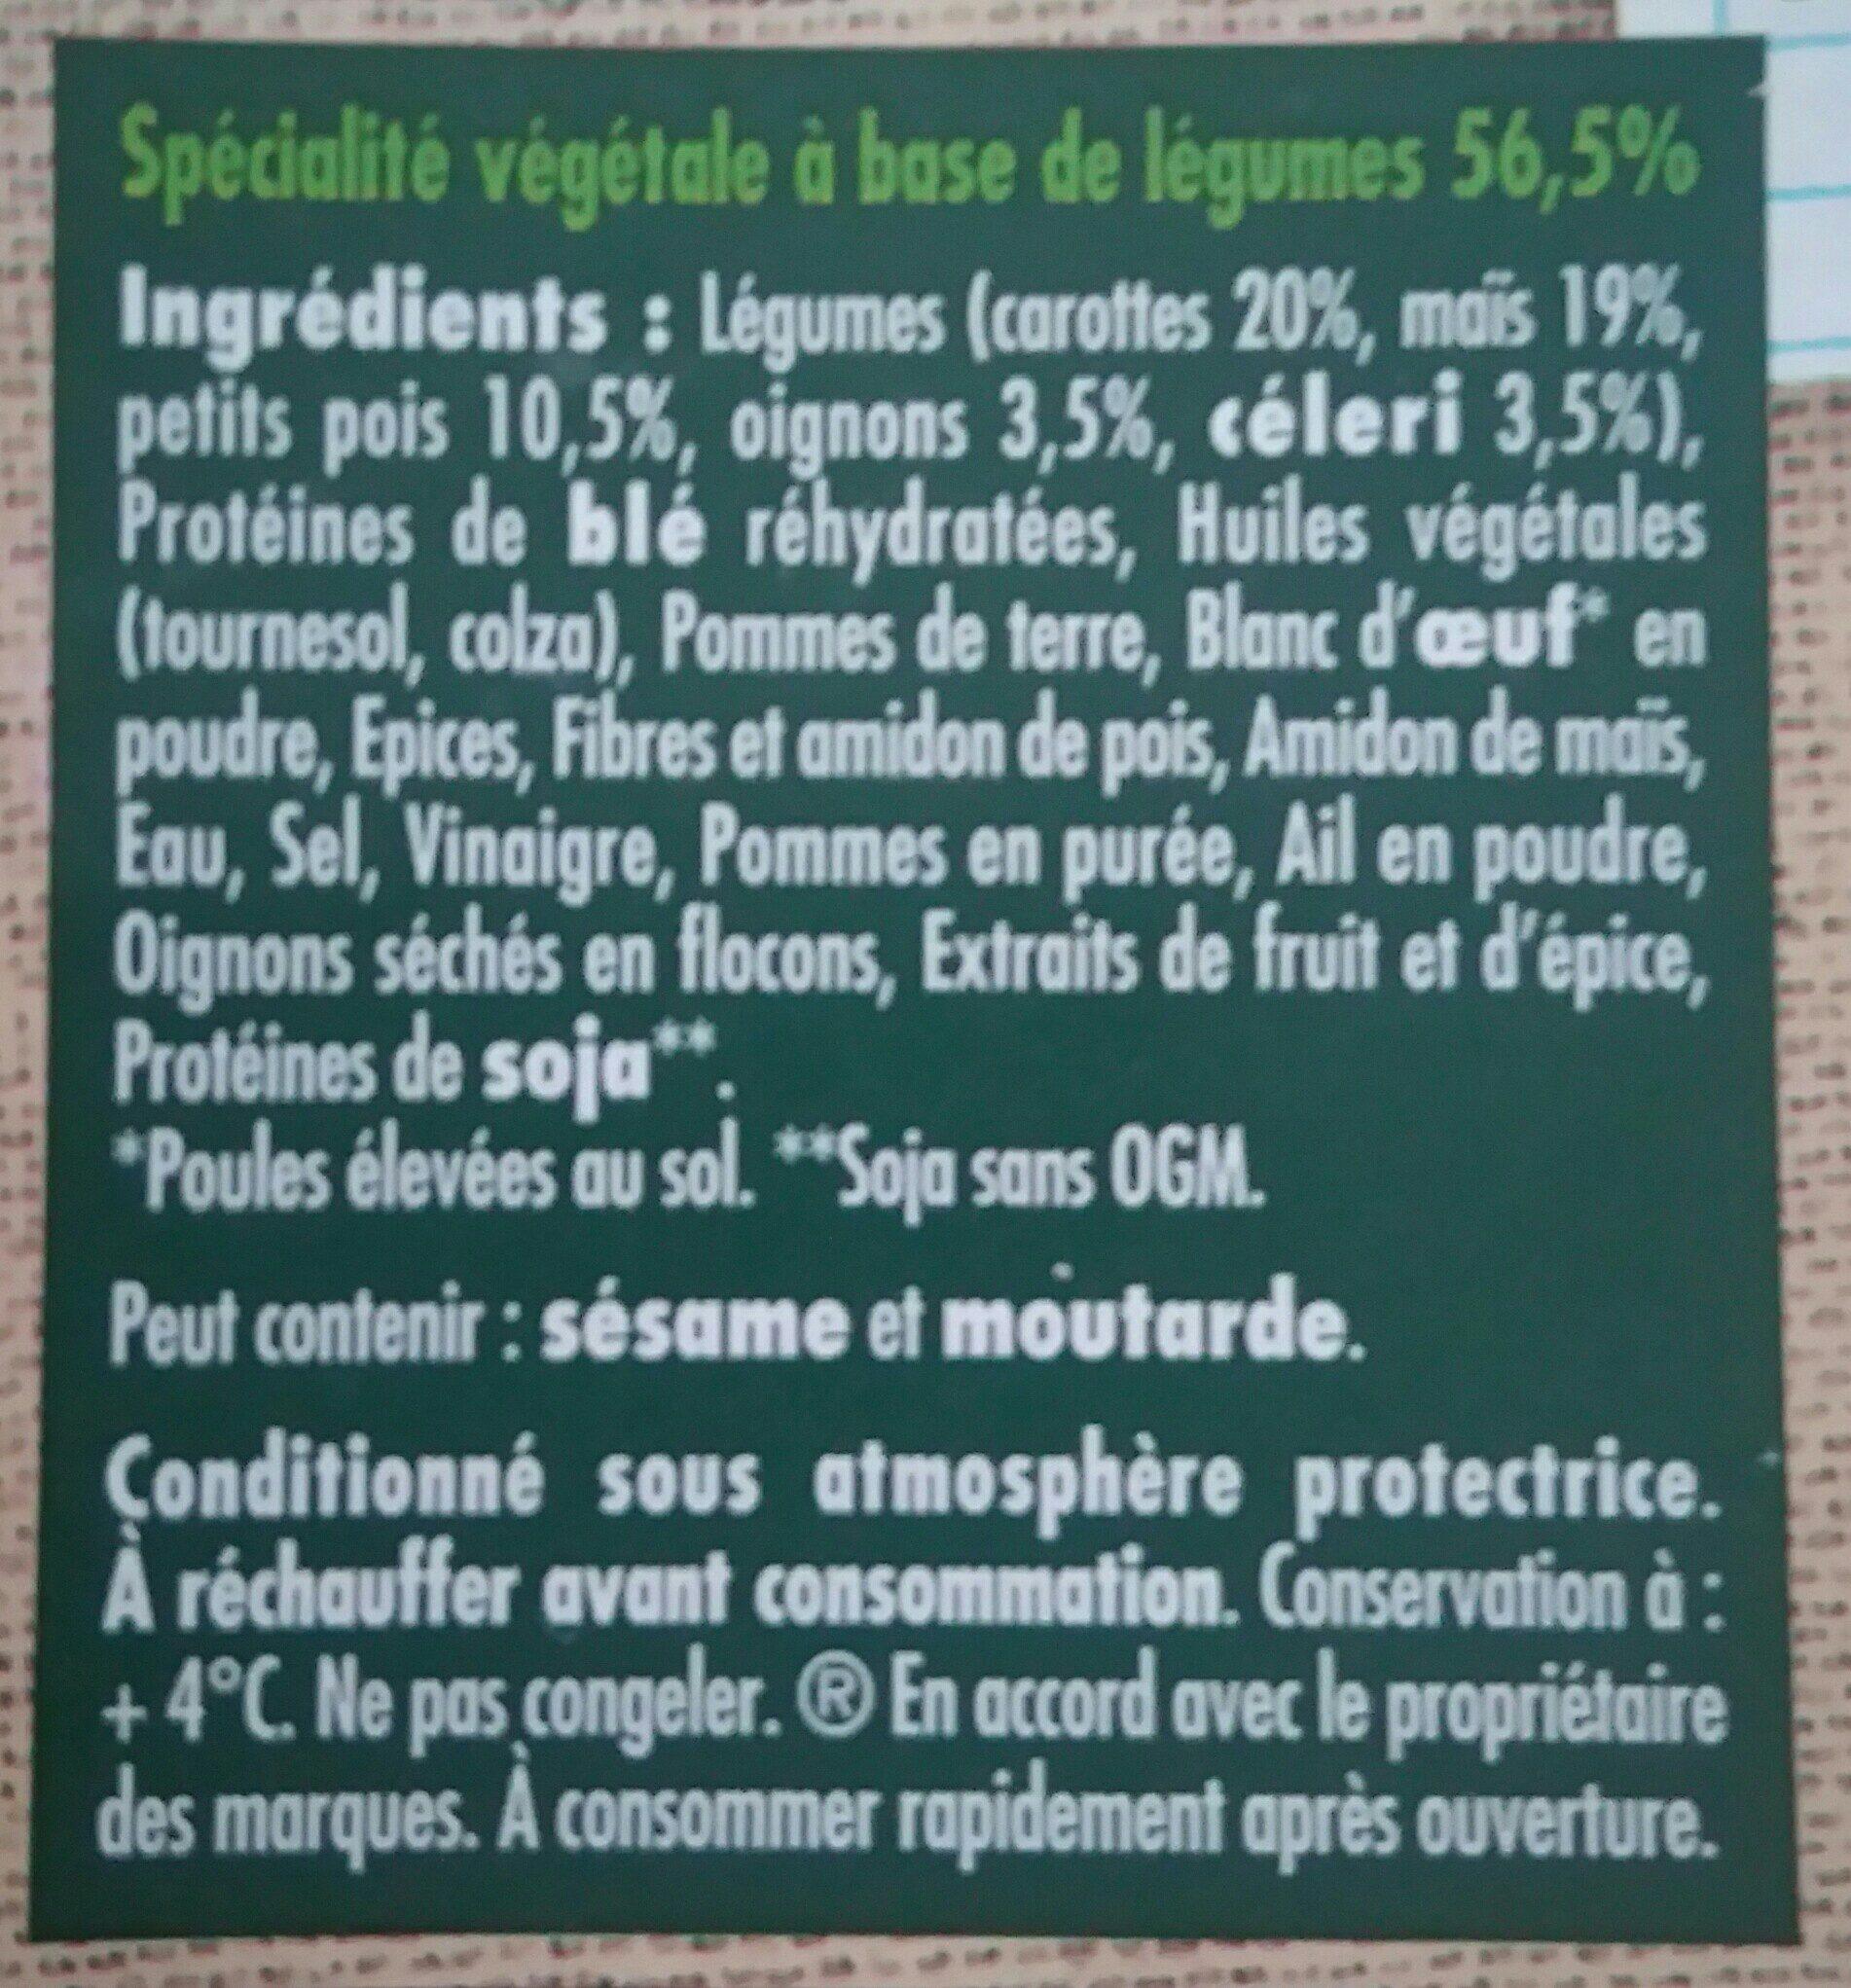 Le Bon Végétal - Galette aux Légumes - Ingrédients - fr